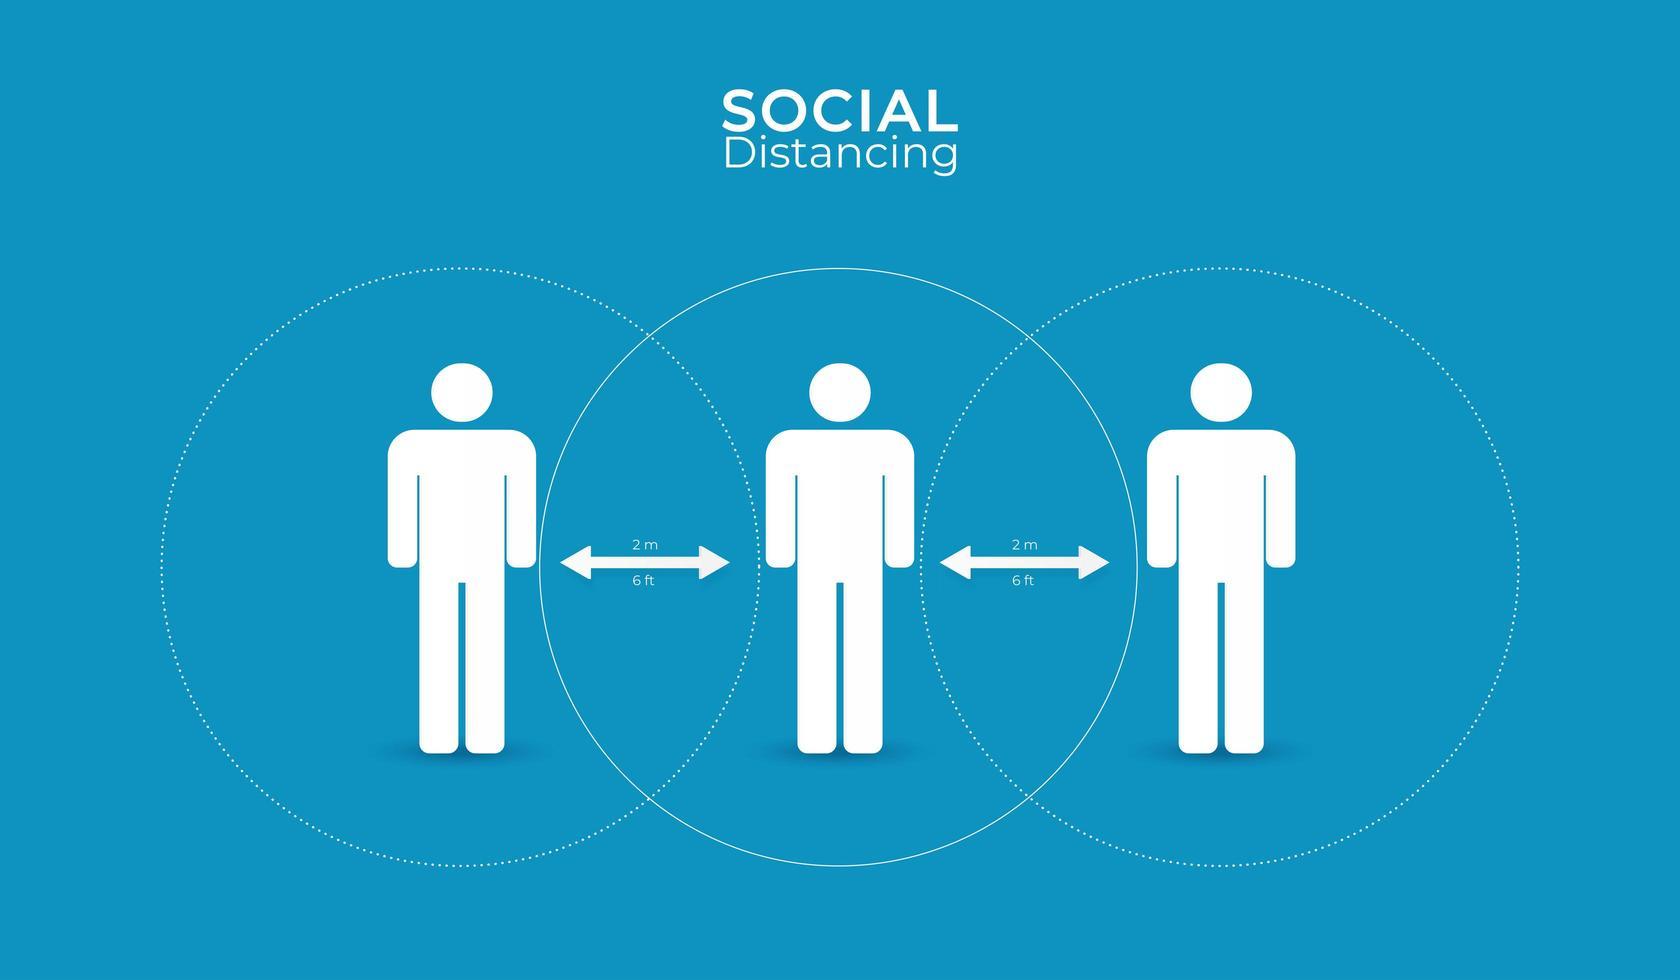 soziales distanzierendes einfaches Plakatdesign vektor